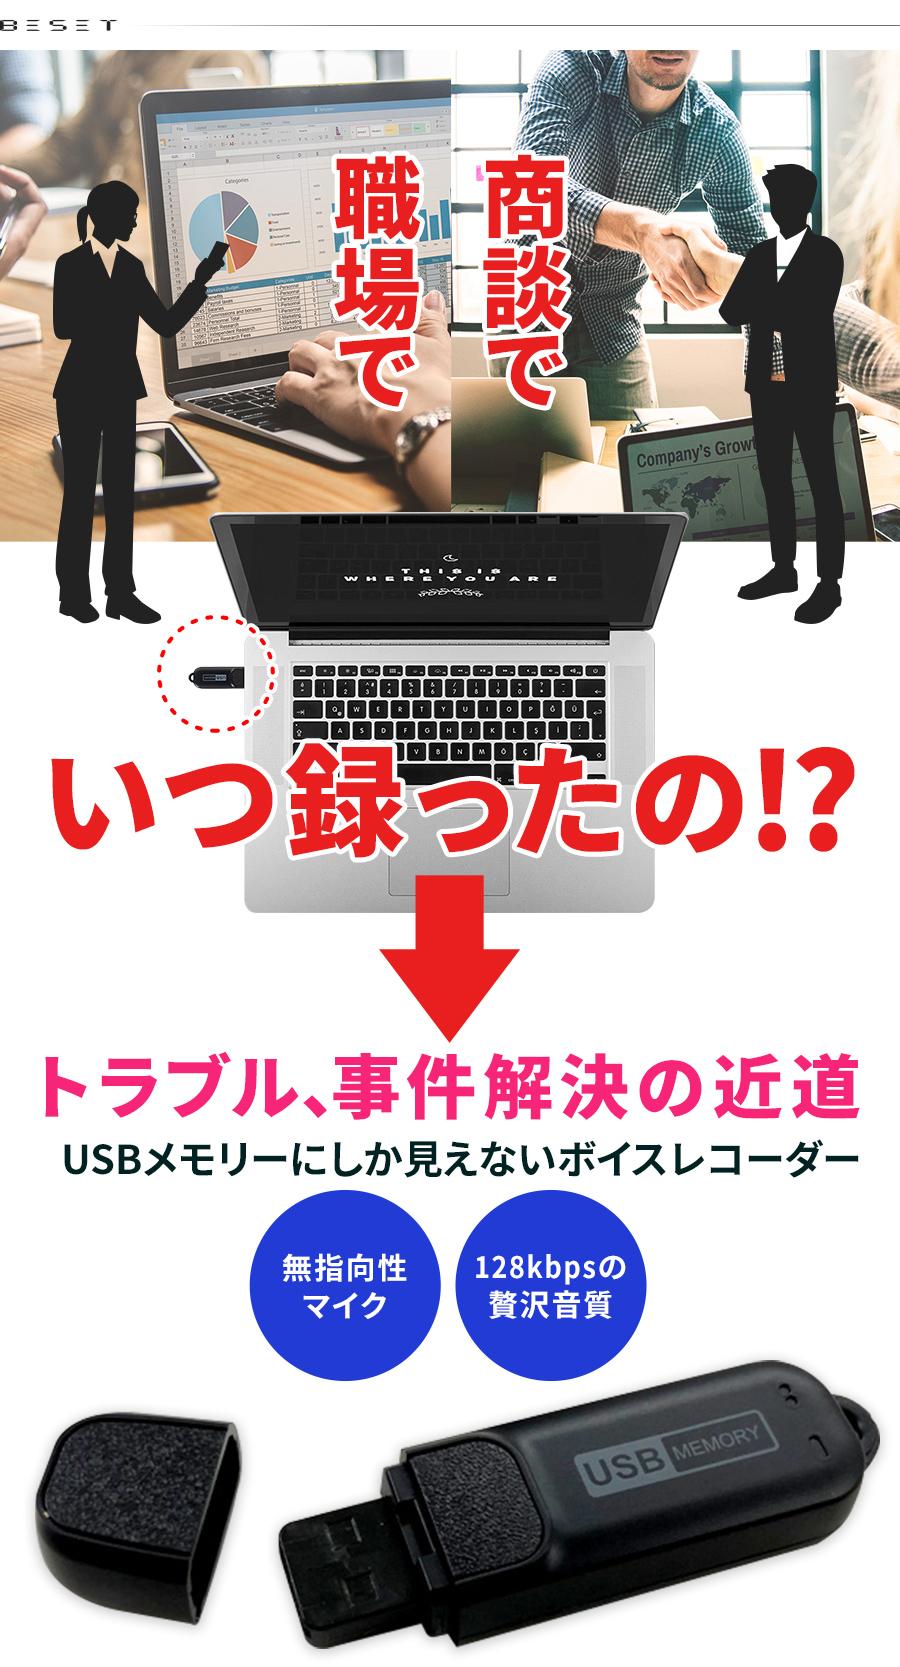 USBメモリー型のボイスレコーダーVR-U40